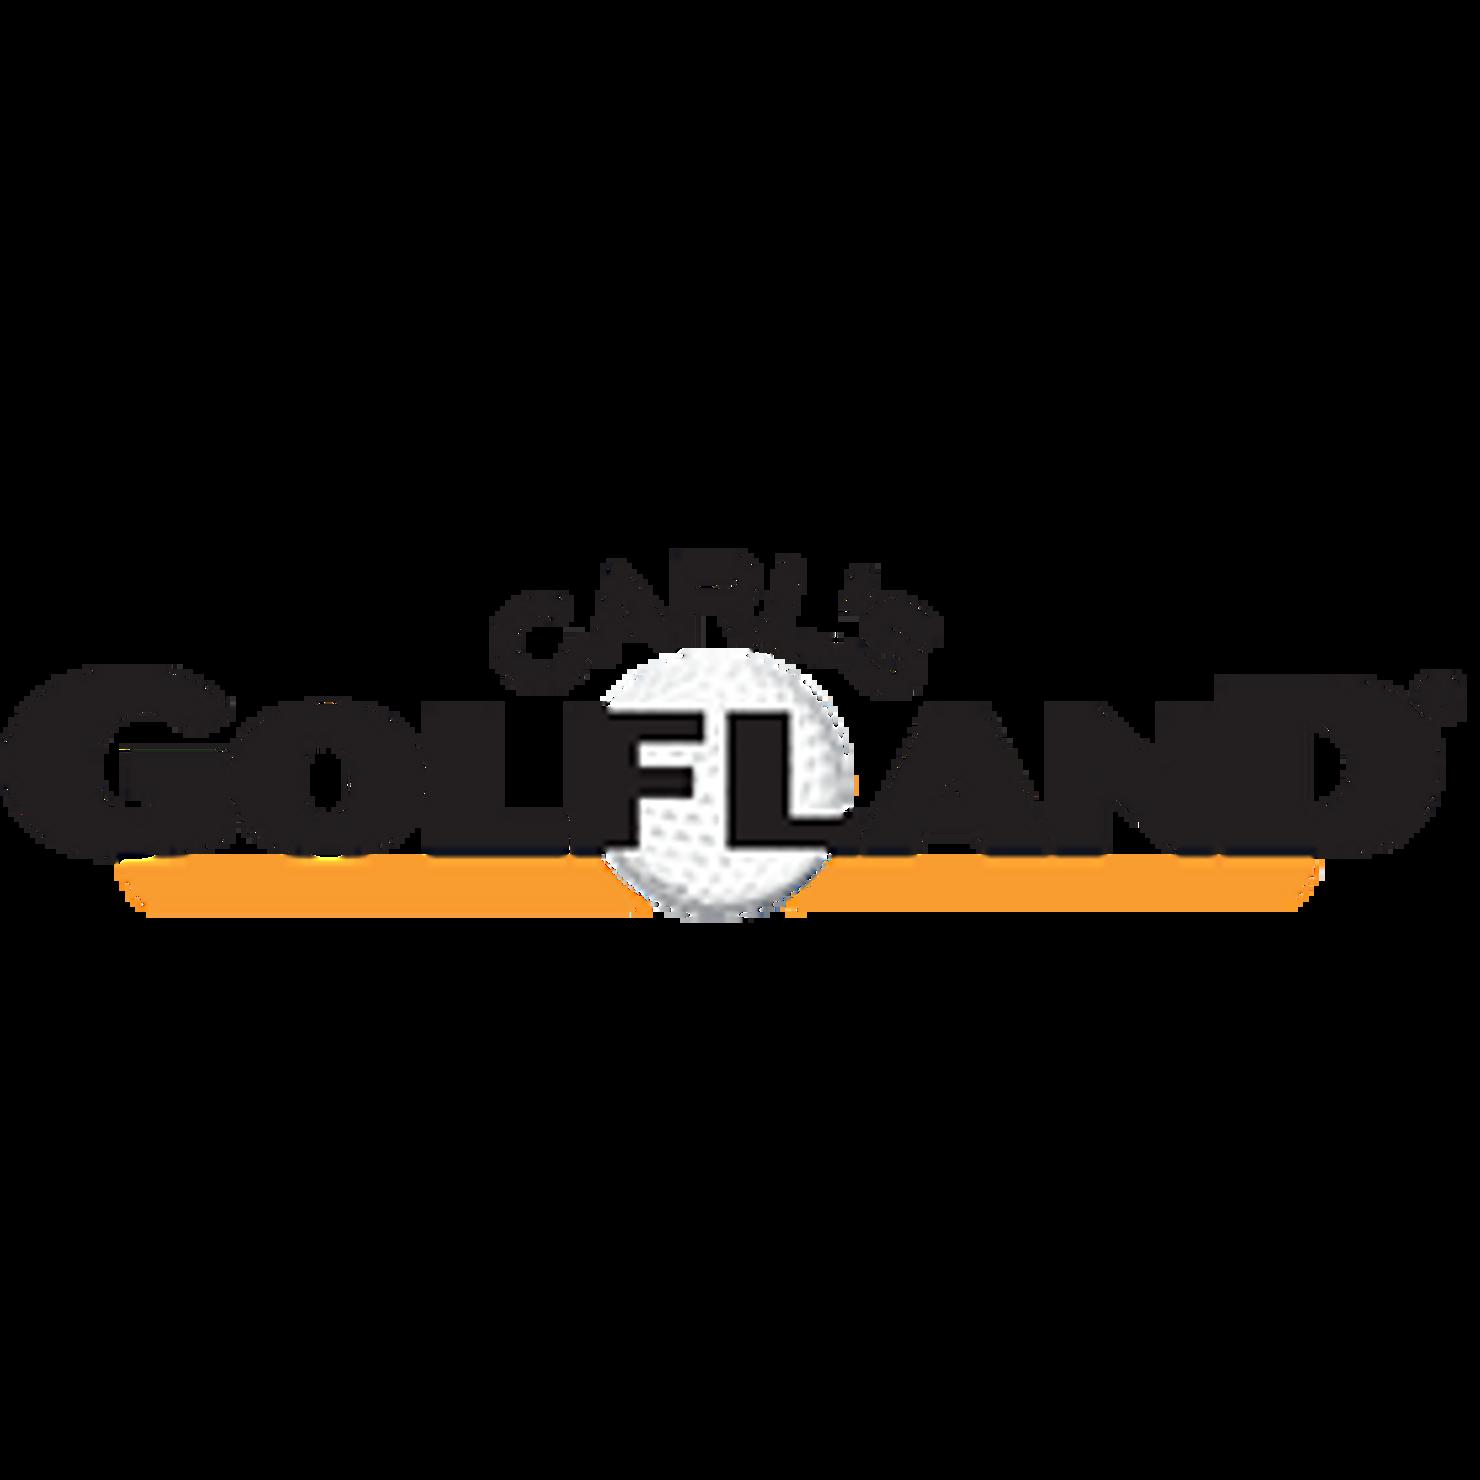 632f42b849 Under Armour Storm Armada Golf Cart Bag 2018 - Carl's Golfland